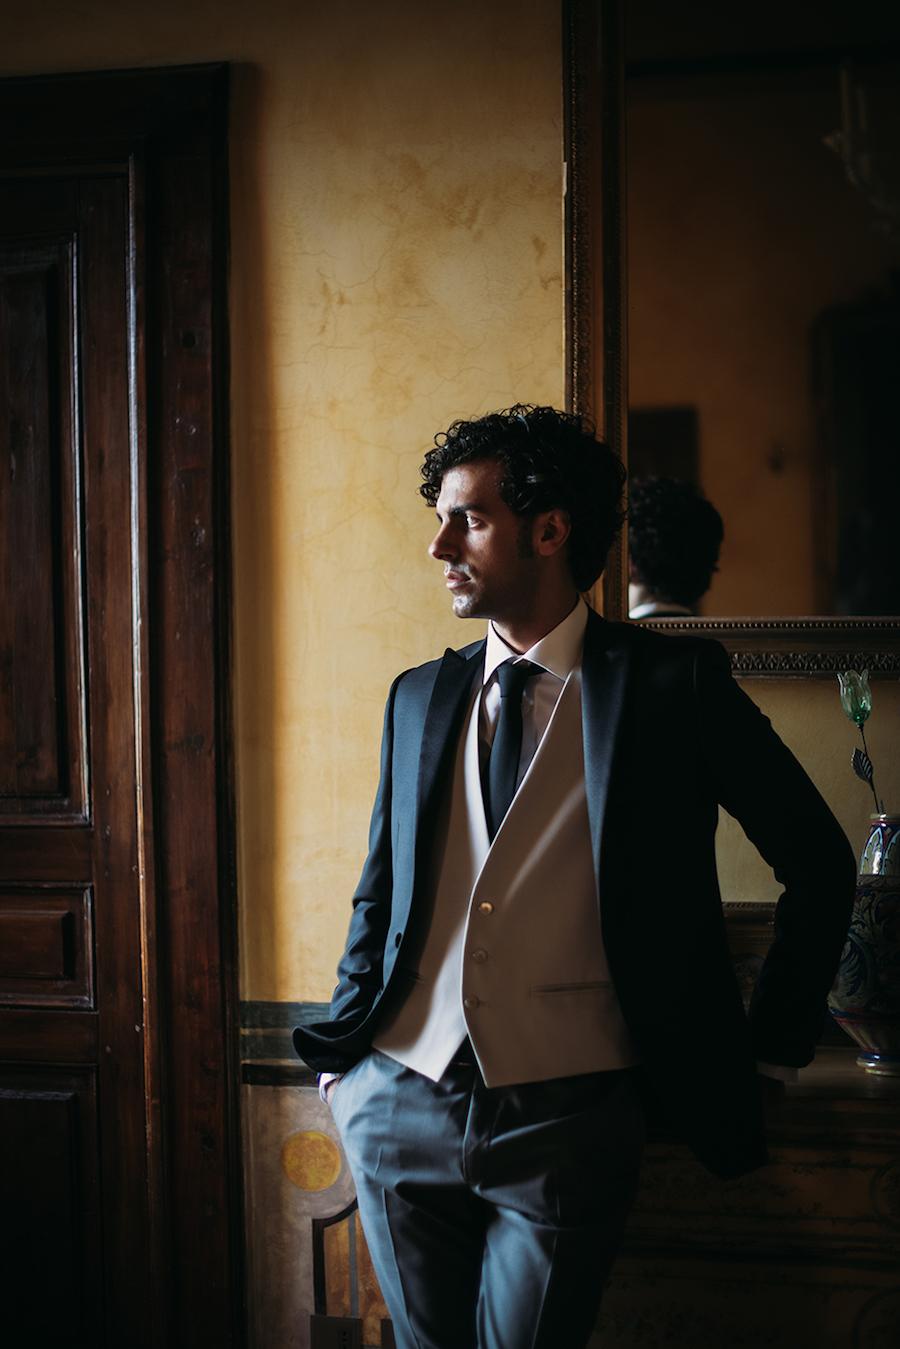 matrimonio-chic-e-raffinato-gradisca-portento-09